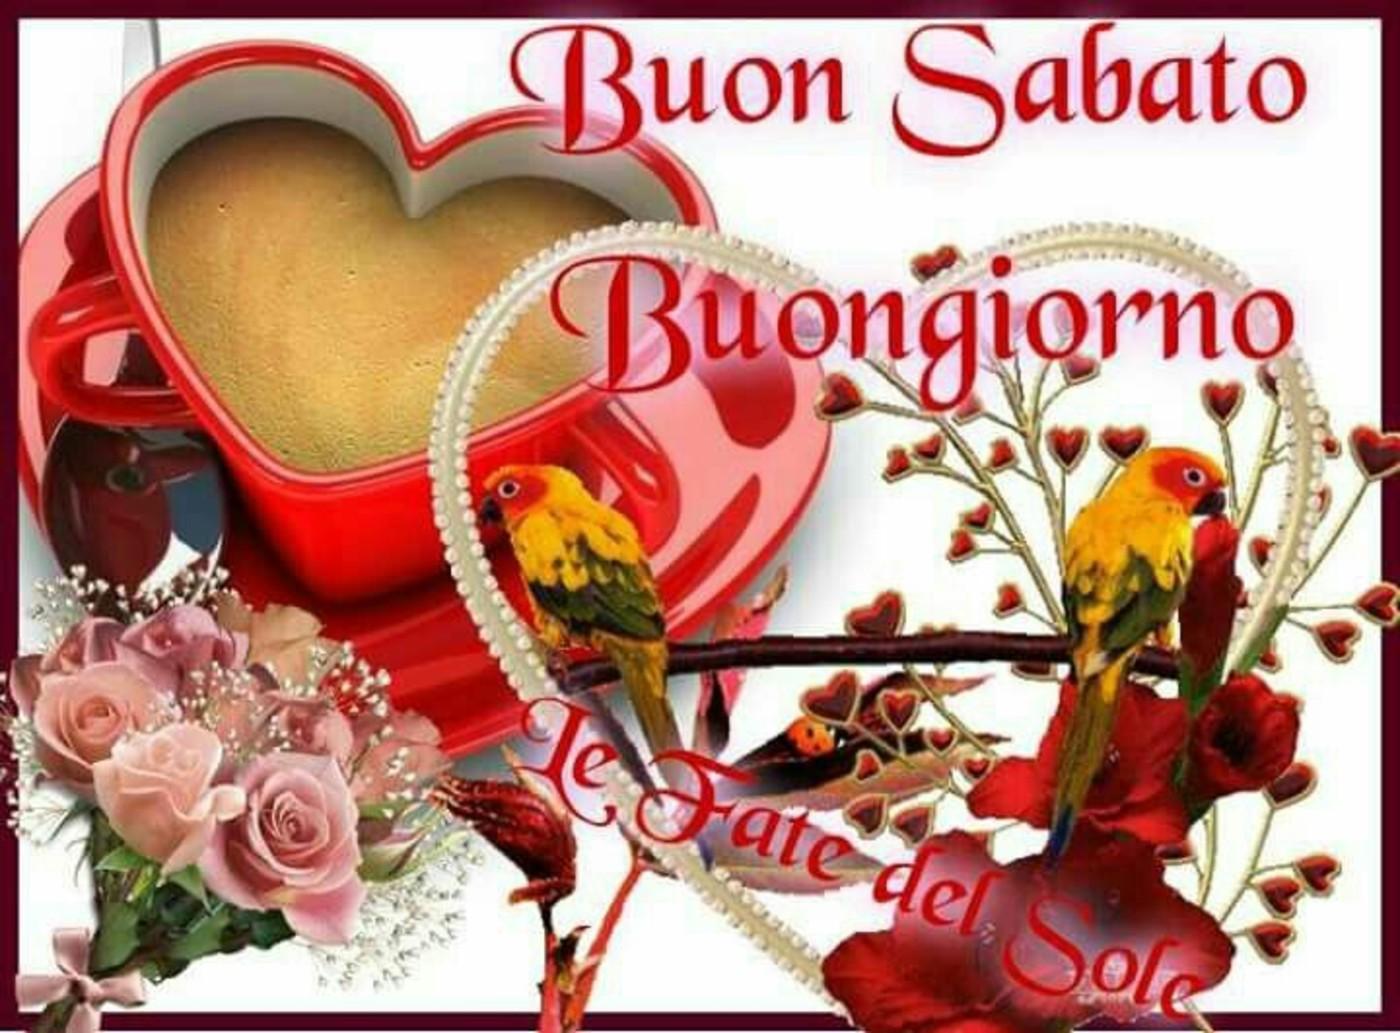 Buon Sabato Mattina Archives Pagina 3 Di 4 Buongiorno Immagini It